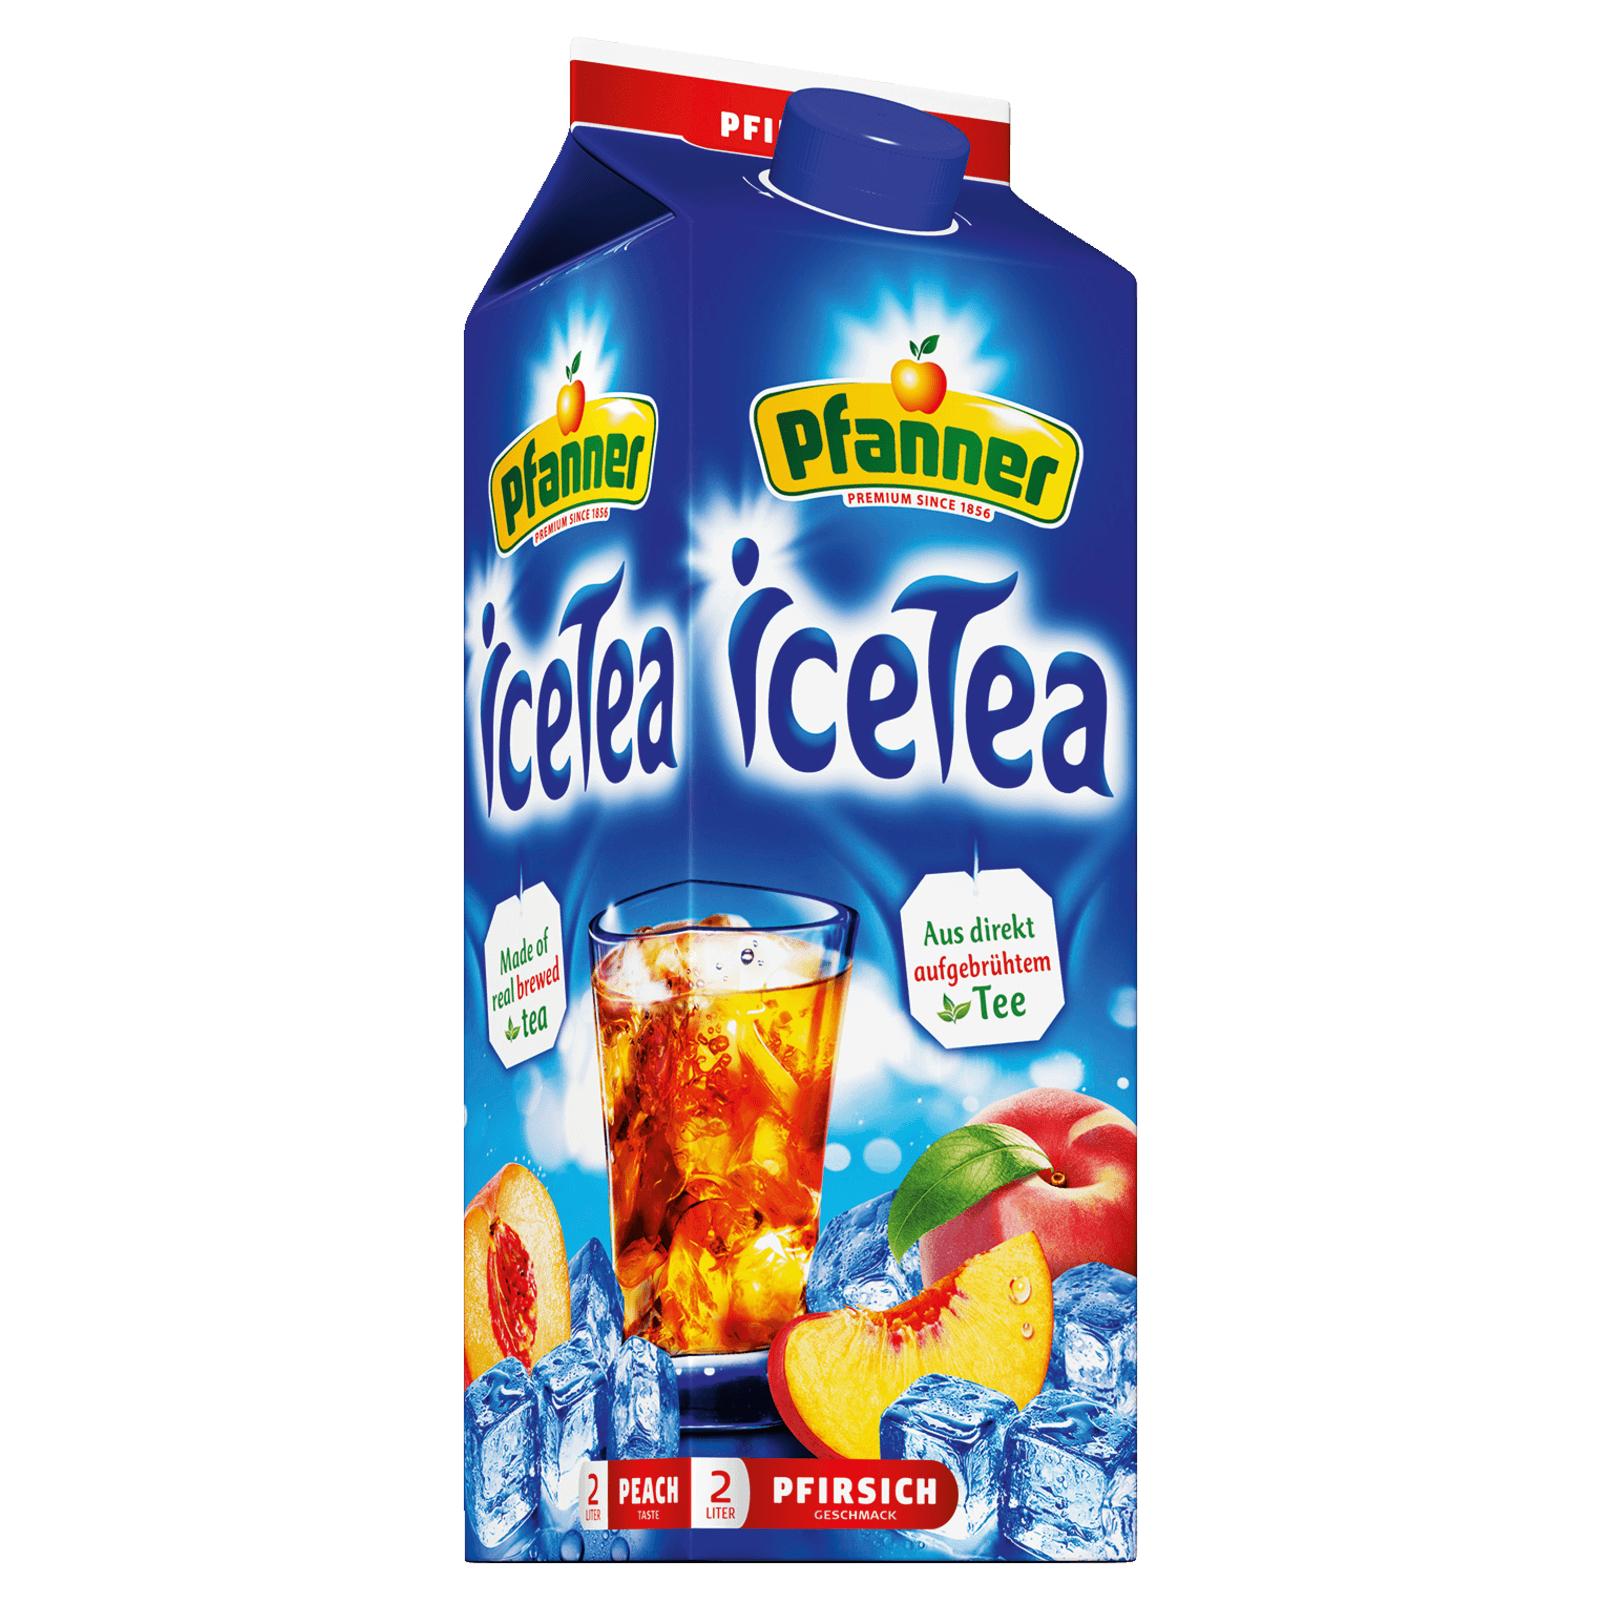 [Marktguru] Pfanner Eistee 2 Liter für effektiv 0,60€ bei Rewe